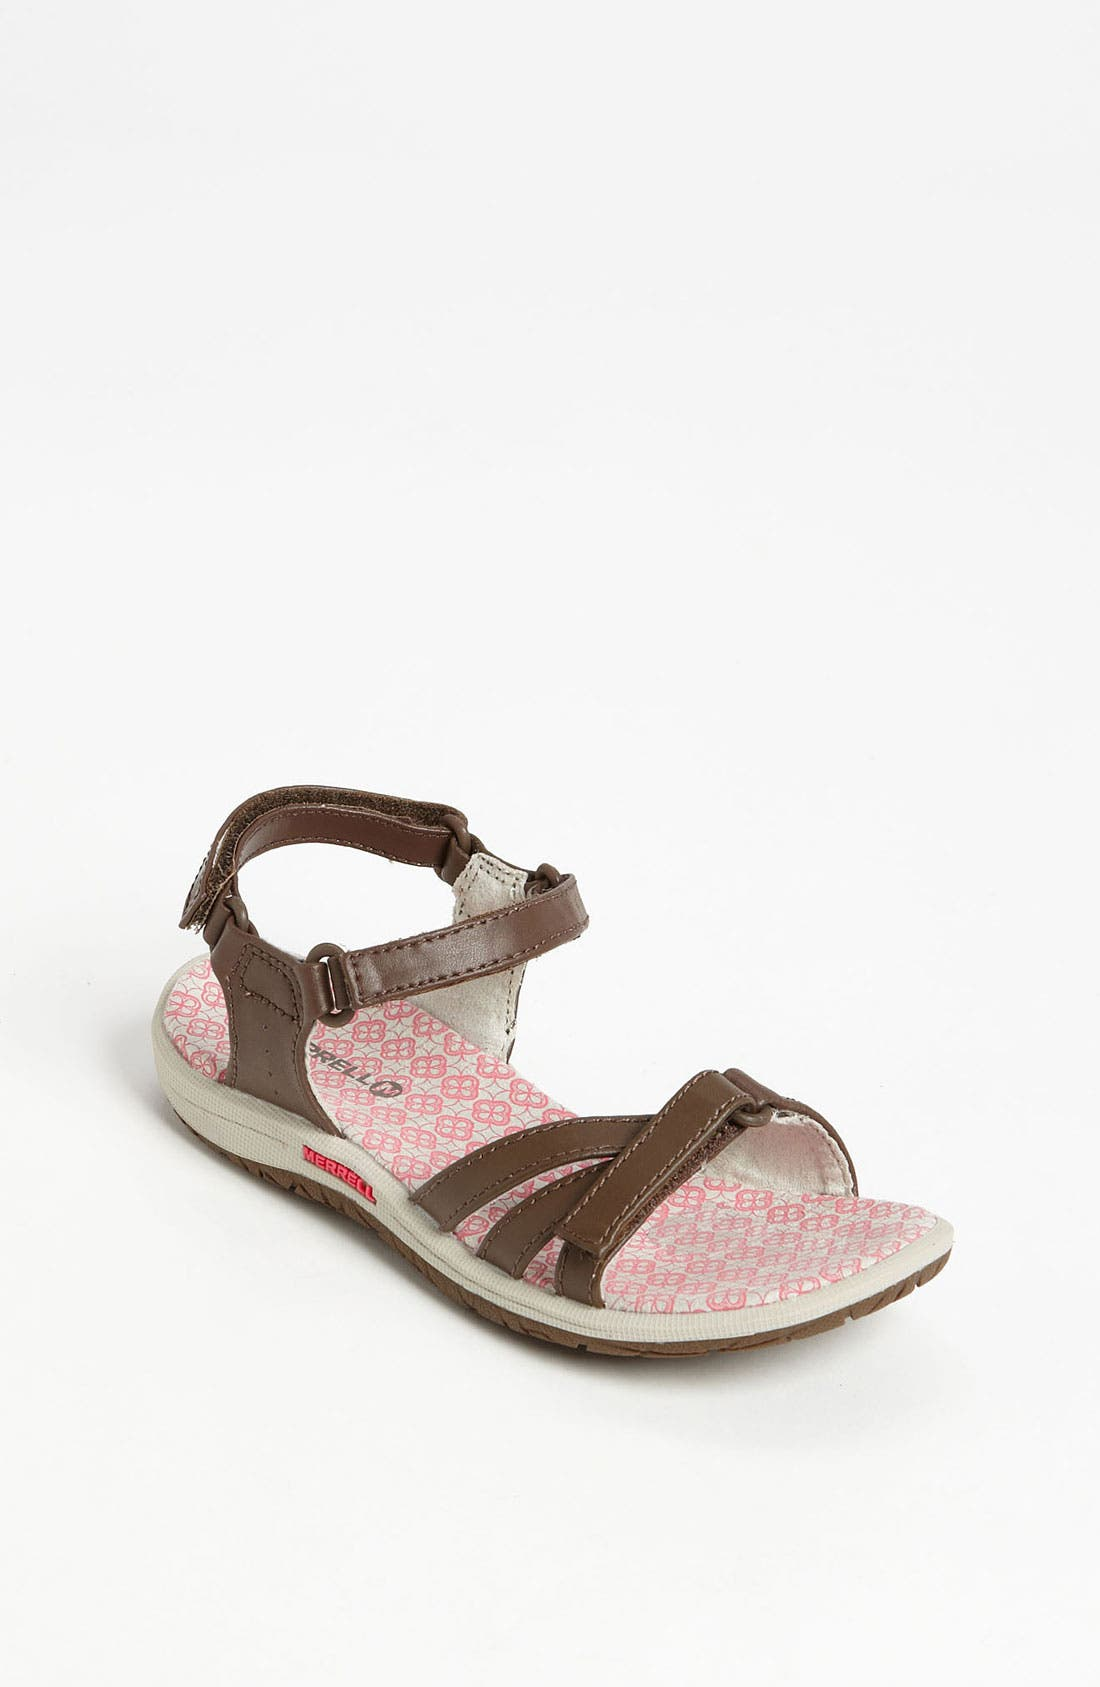 Alternate Image 1 Selected - Merrell 'Sierra' Sandal (Toddler, Little Kid & Big Kid)